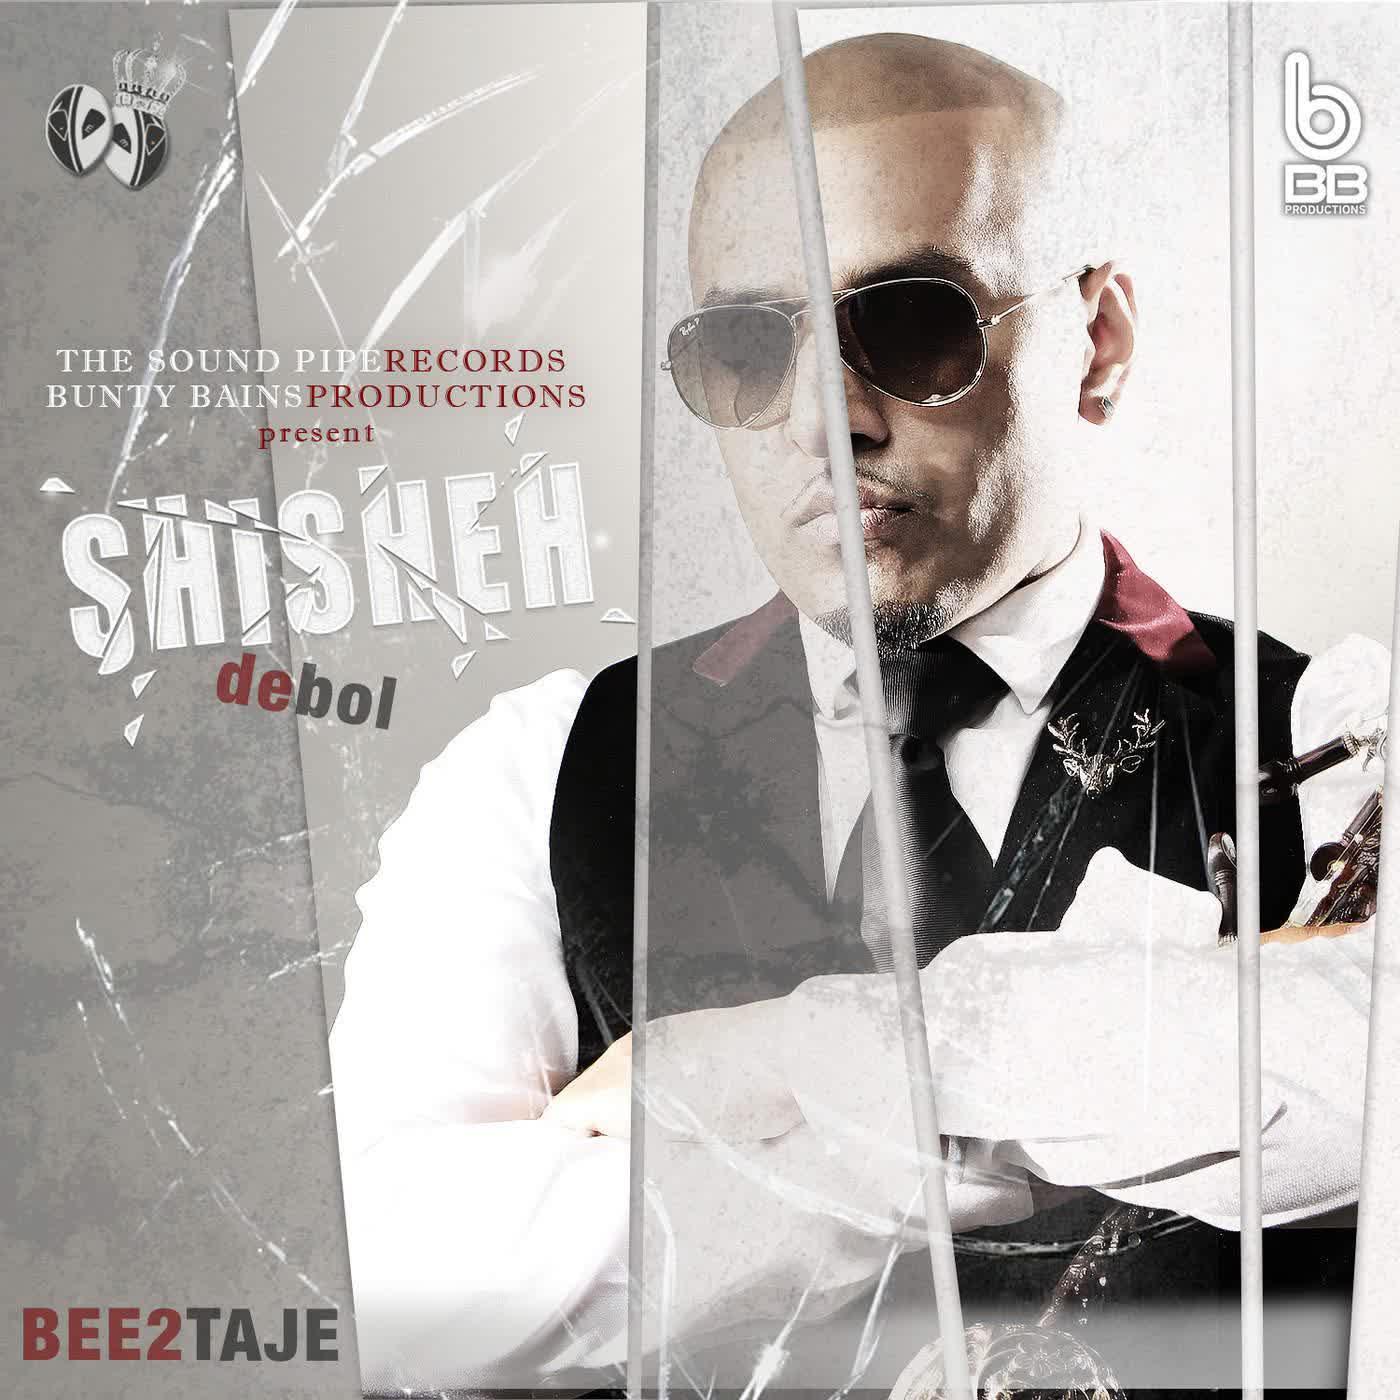 Shisheh De Bol Bee 2 Mp3 Song